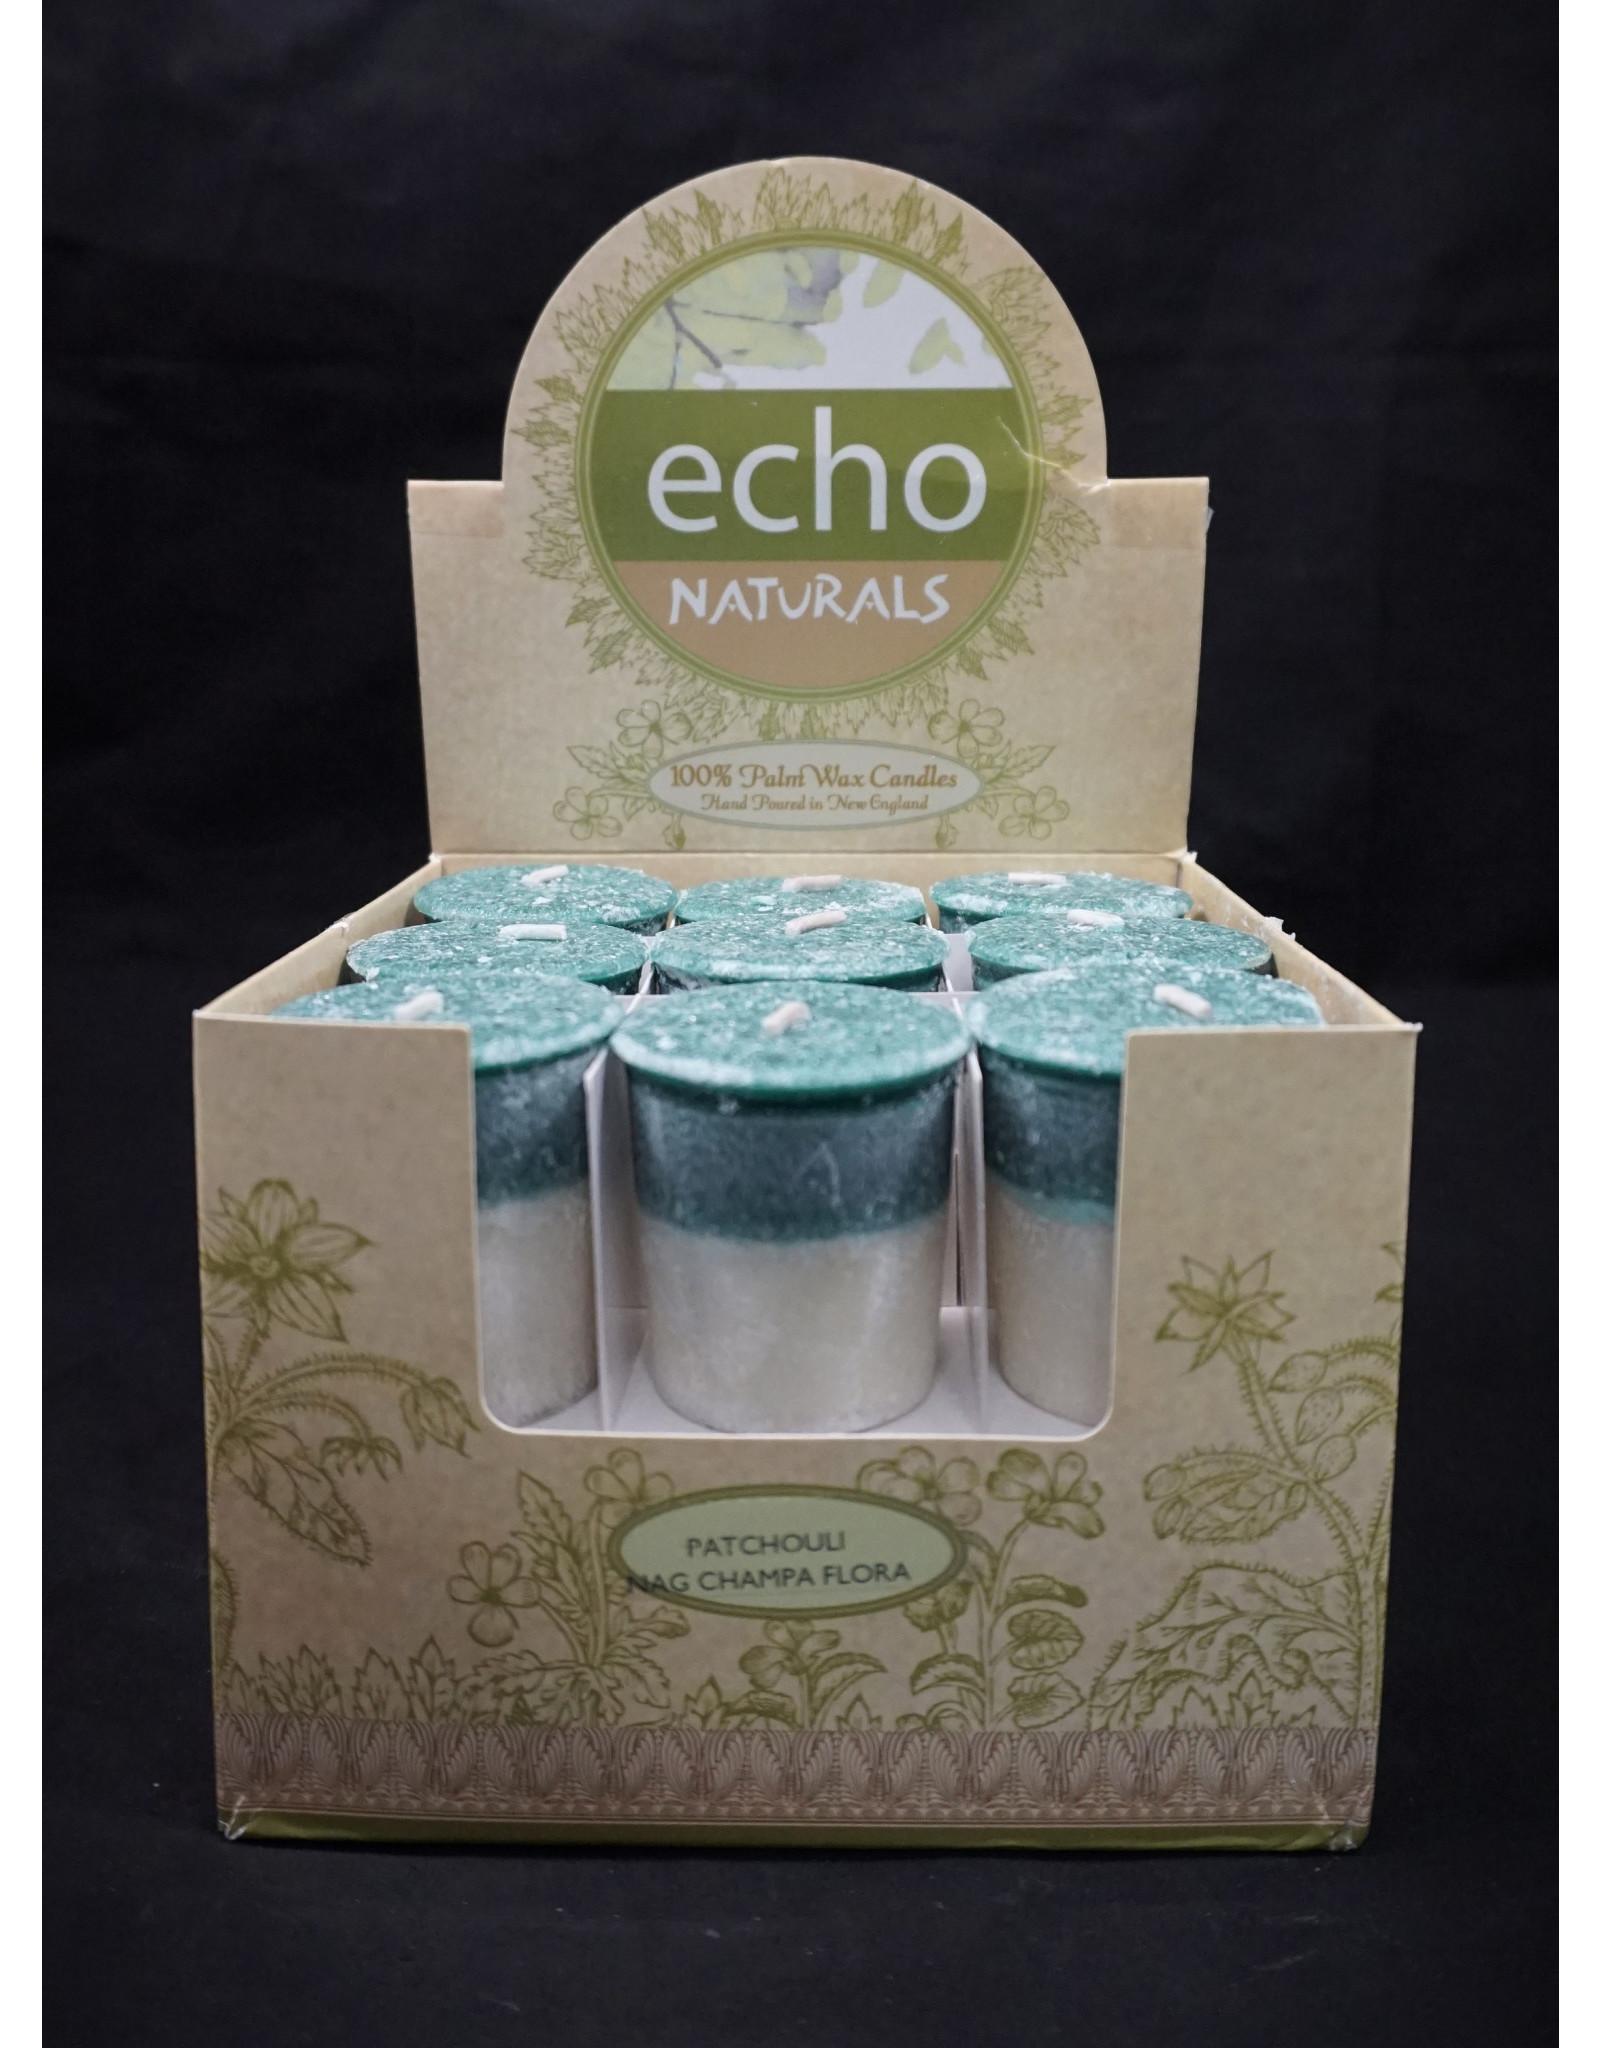 Echo Naturals Votive Candle - Patchouli Nag Champa Floral